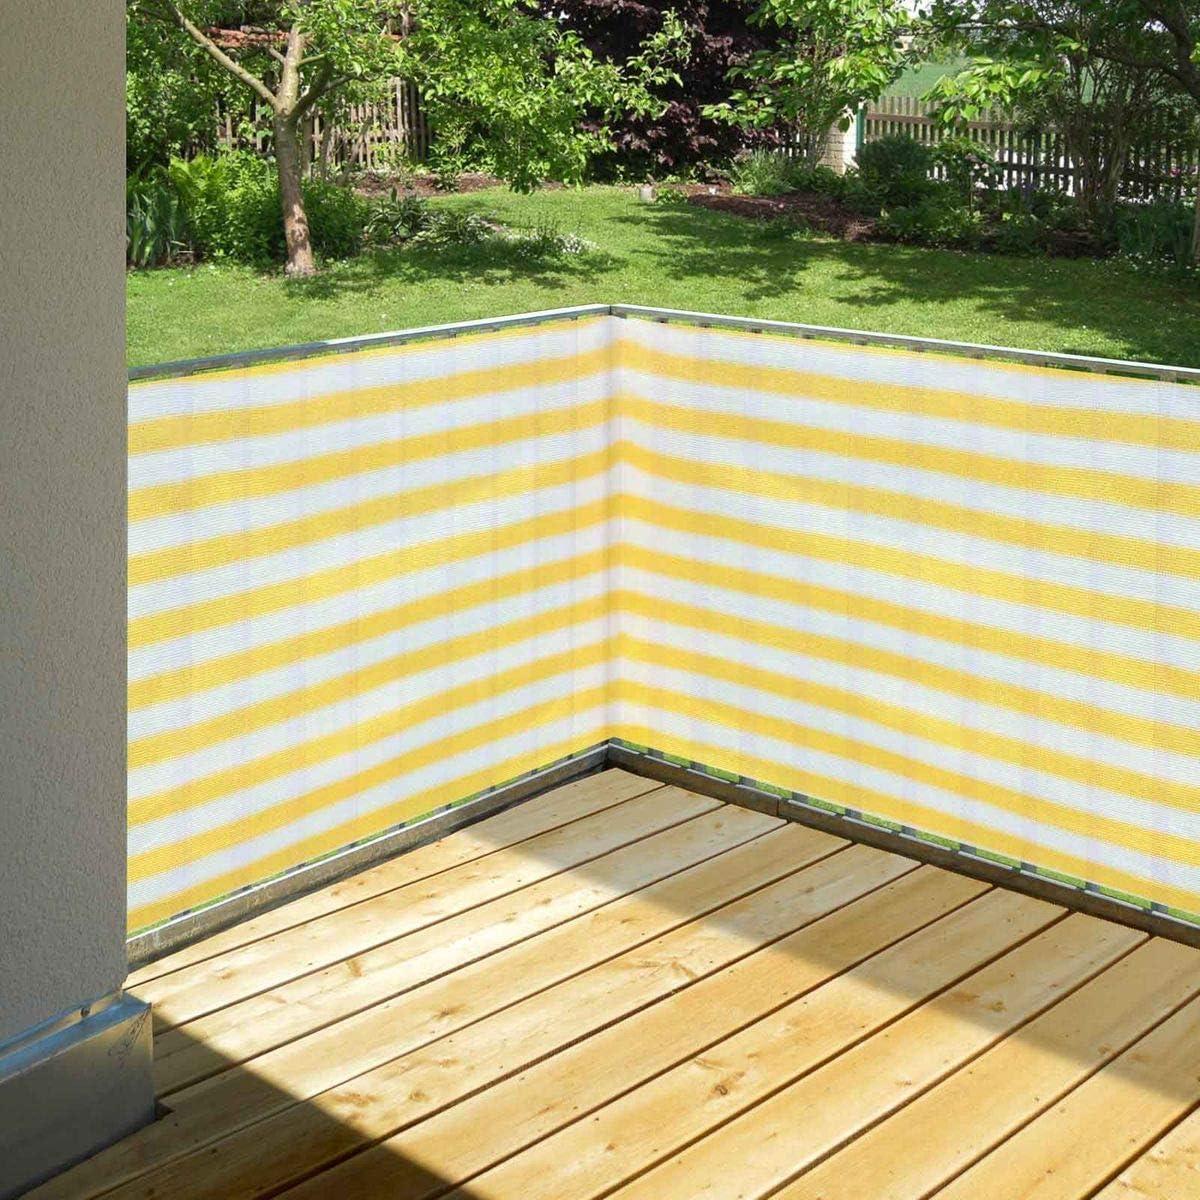 Garten ohne bohren Terrasse und Sichtschutz f/ür Balkon Wind Balkonsichtschutz terra 90 x 500 cm aus HDPE wetterfest /& langlebig